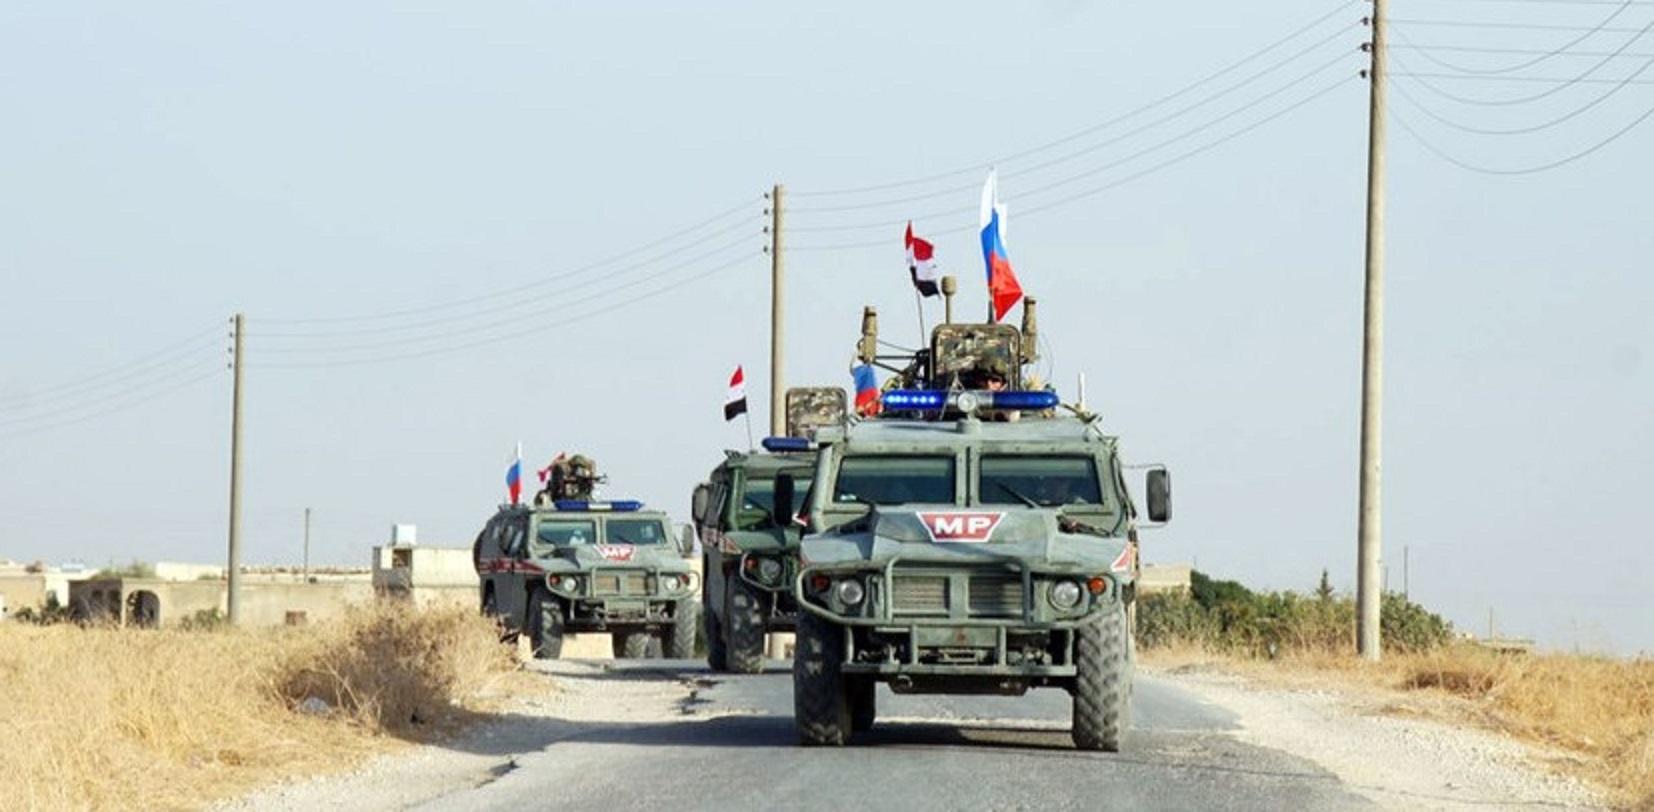 Қанды қырғын: Сирияда Ресей әскерилері қаза тапты - на politic.bugin.kz